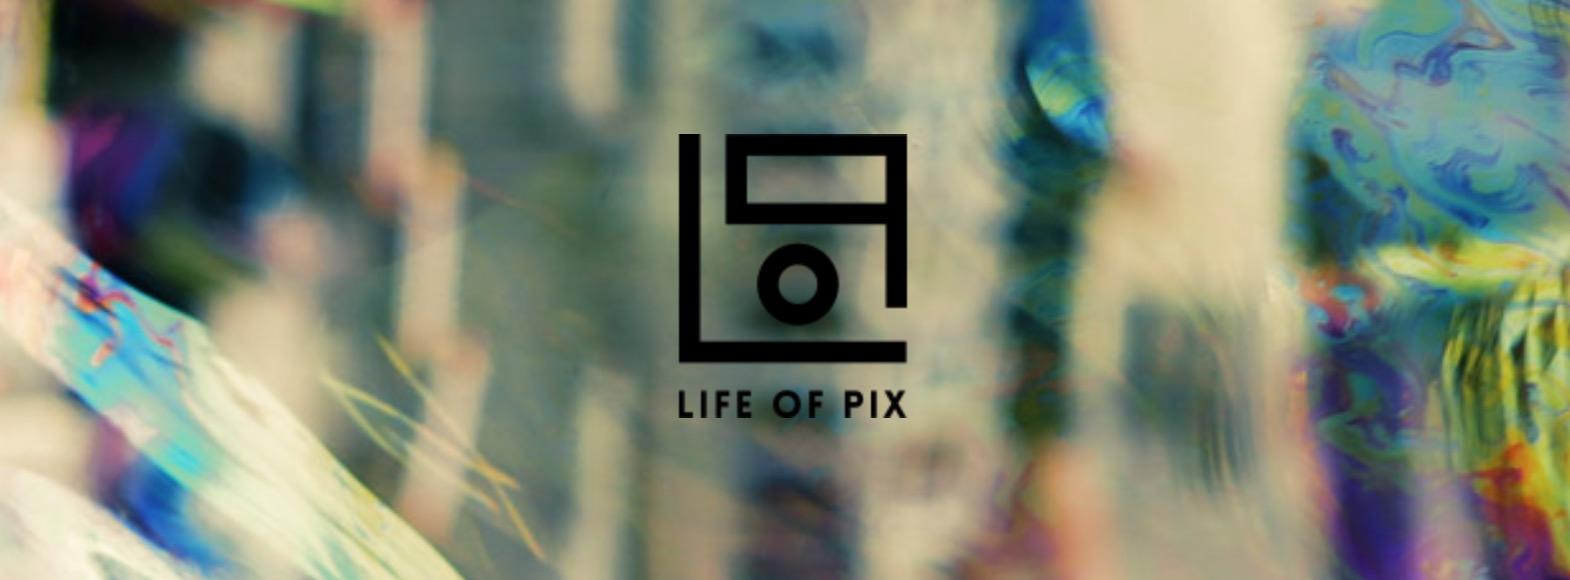 Life of Pix